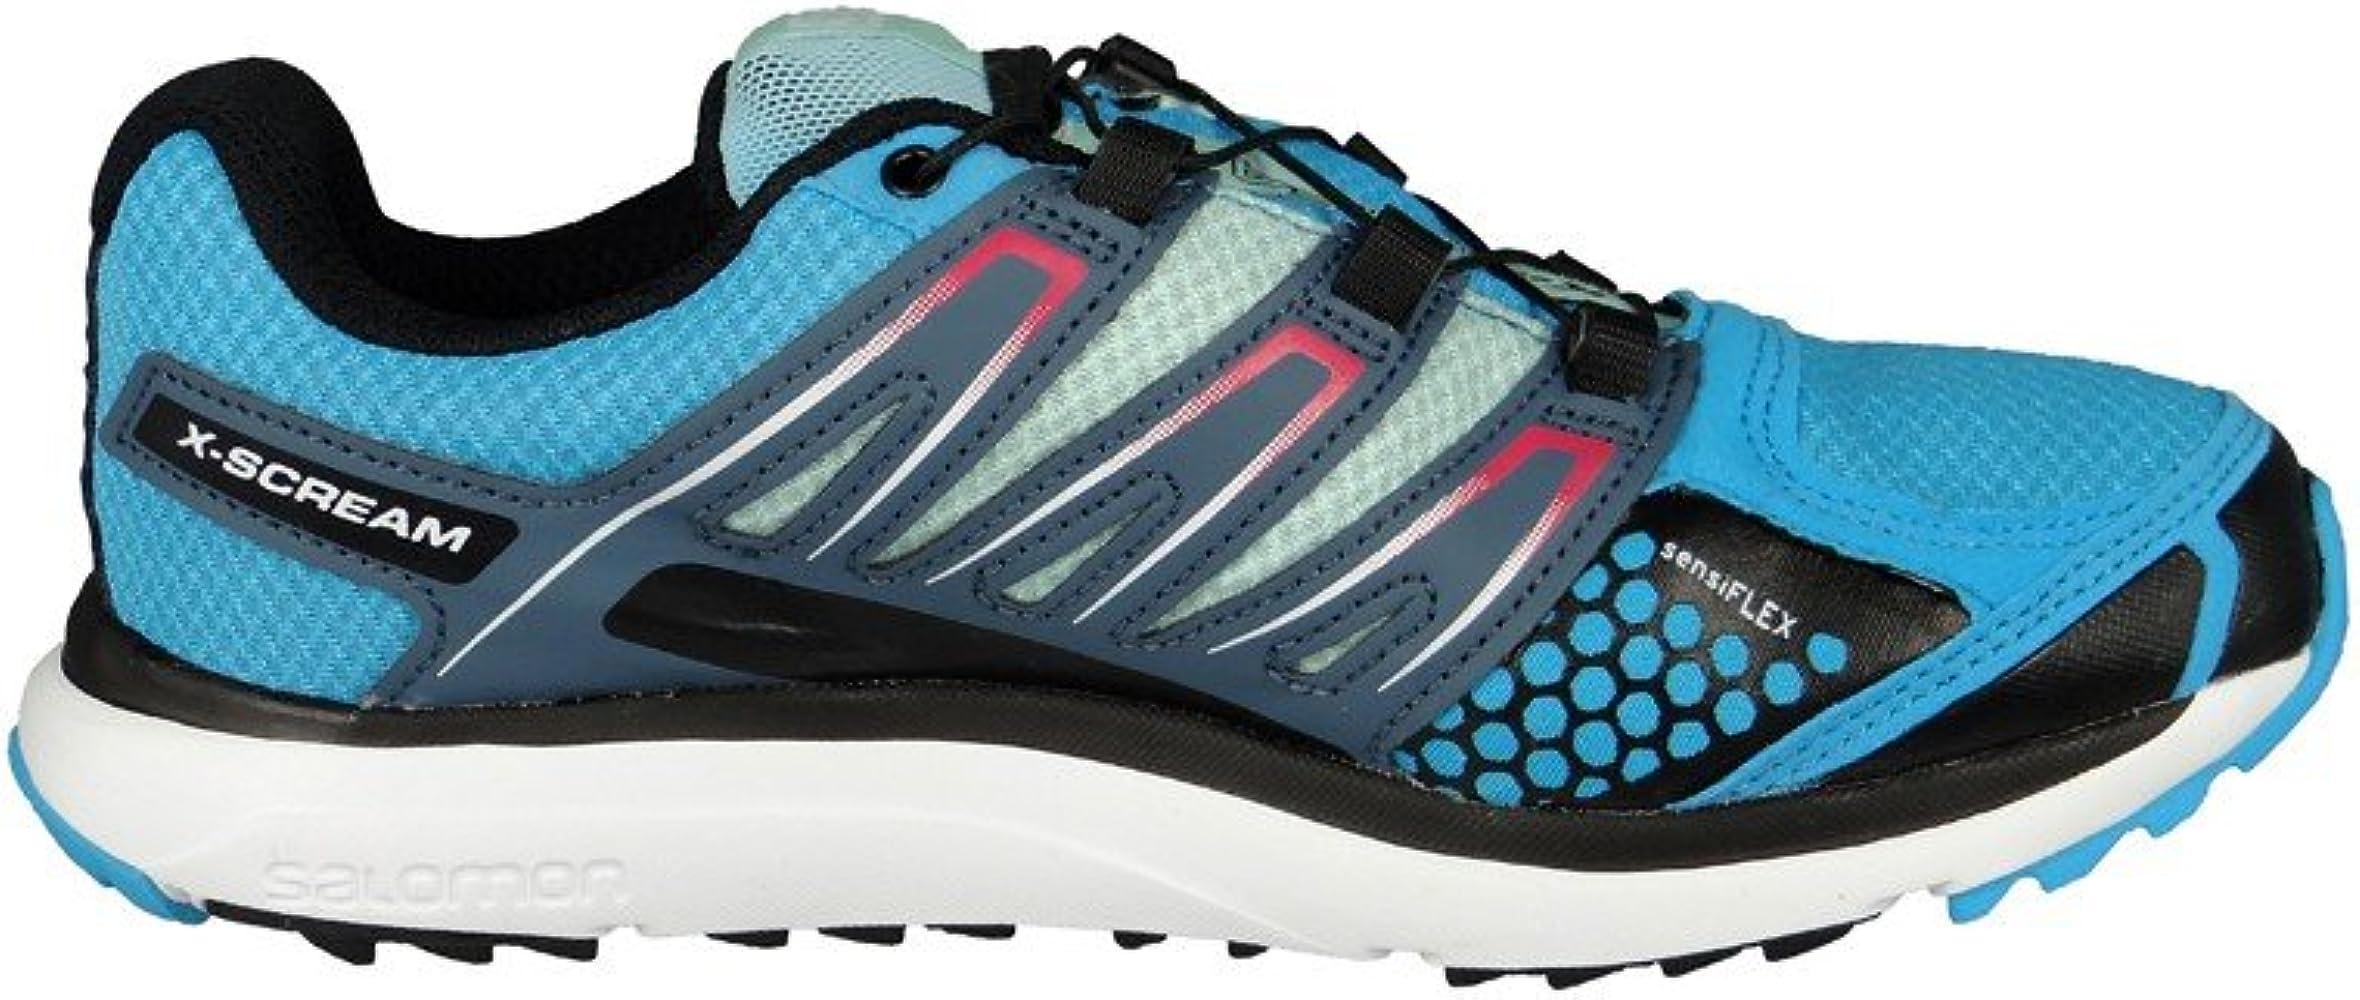 Zapatillas para trail running Salomon X-Scream GTX gris/azul para ...